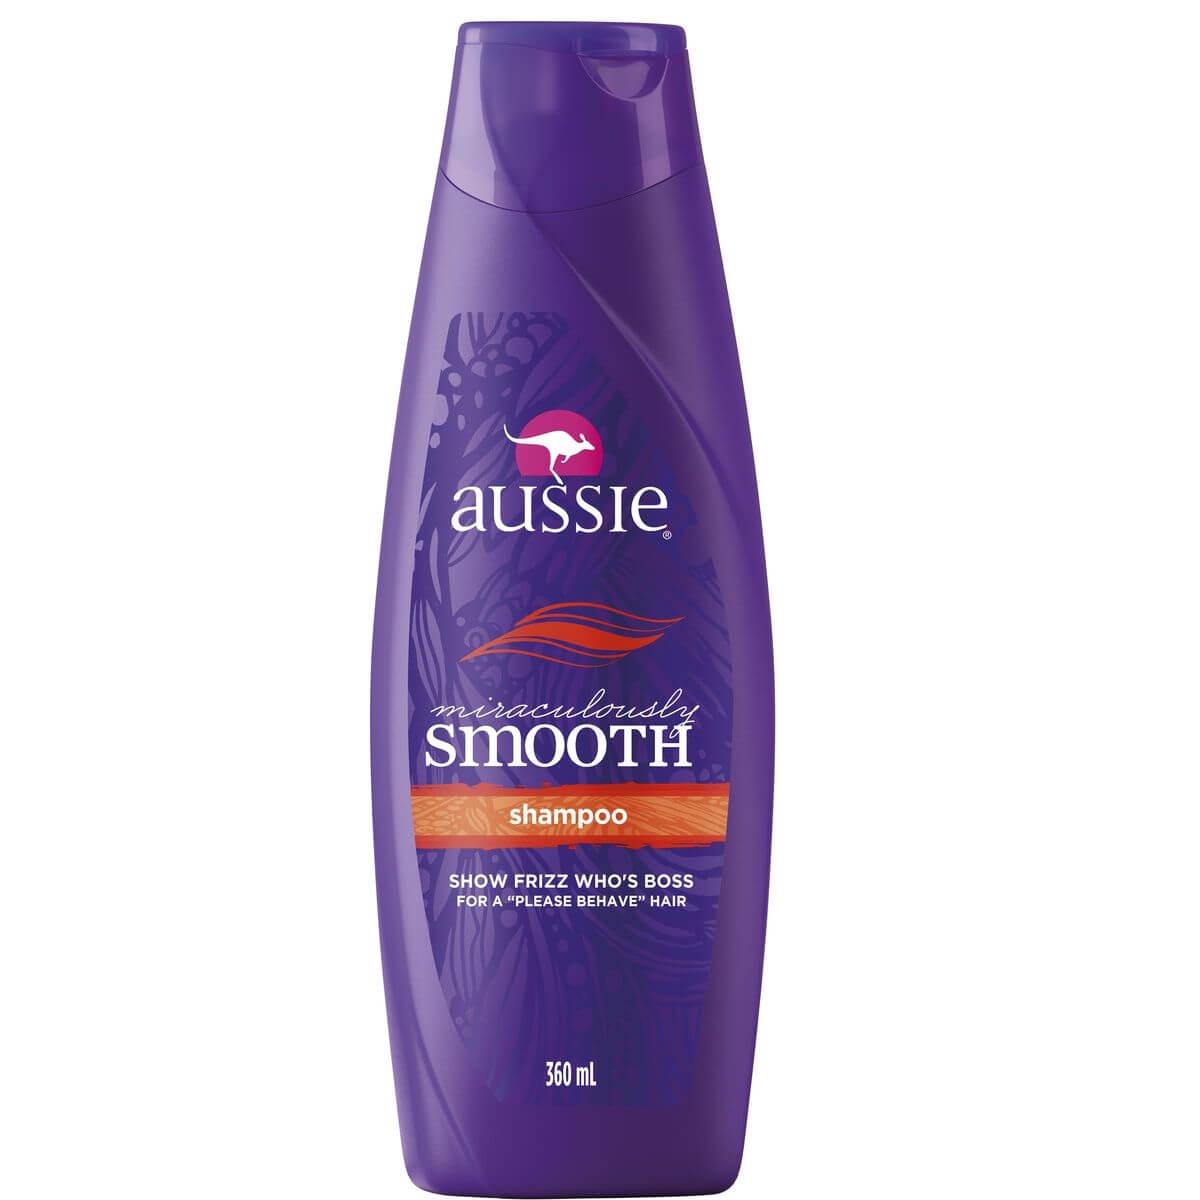 Shampoo Aussie Smooth 360ml